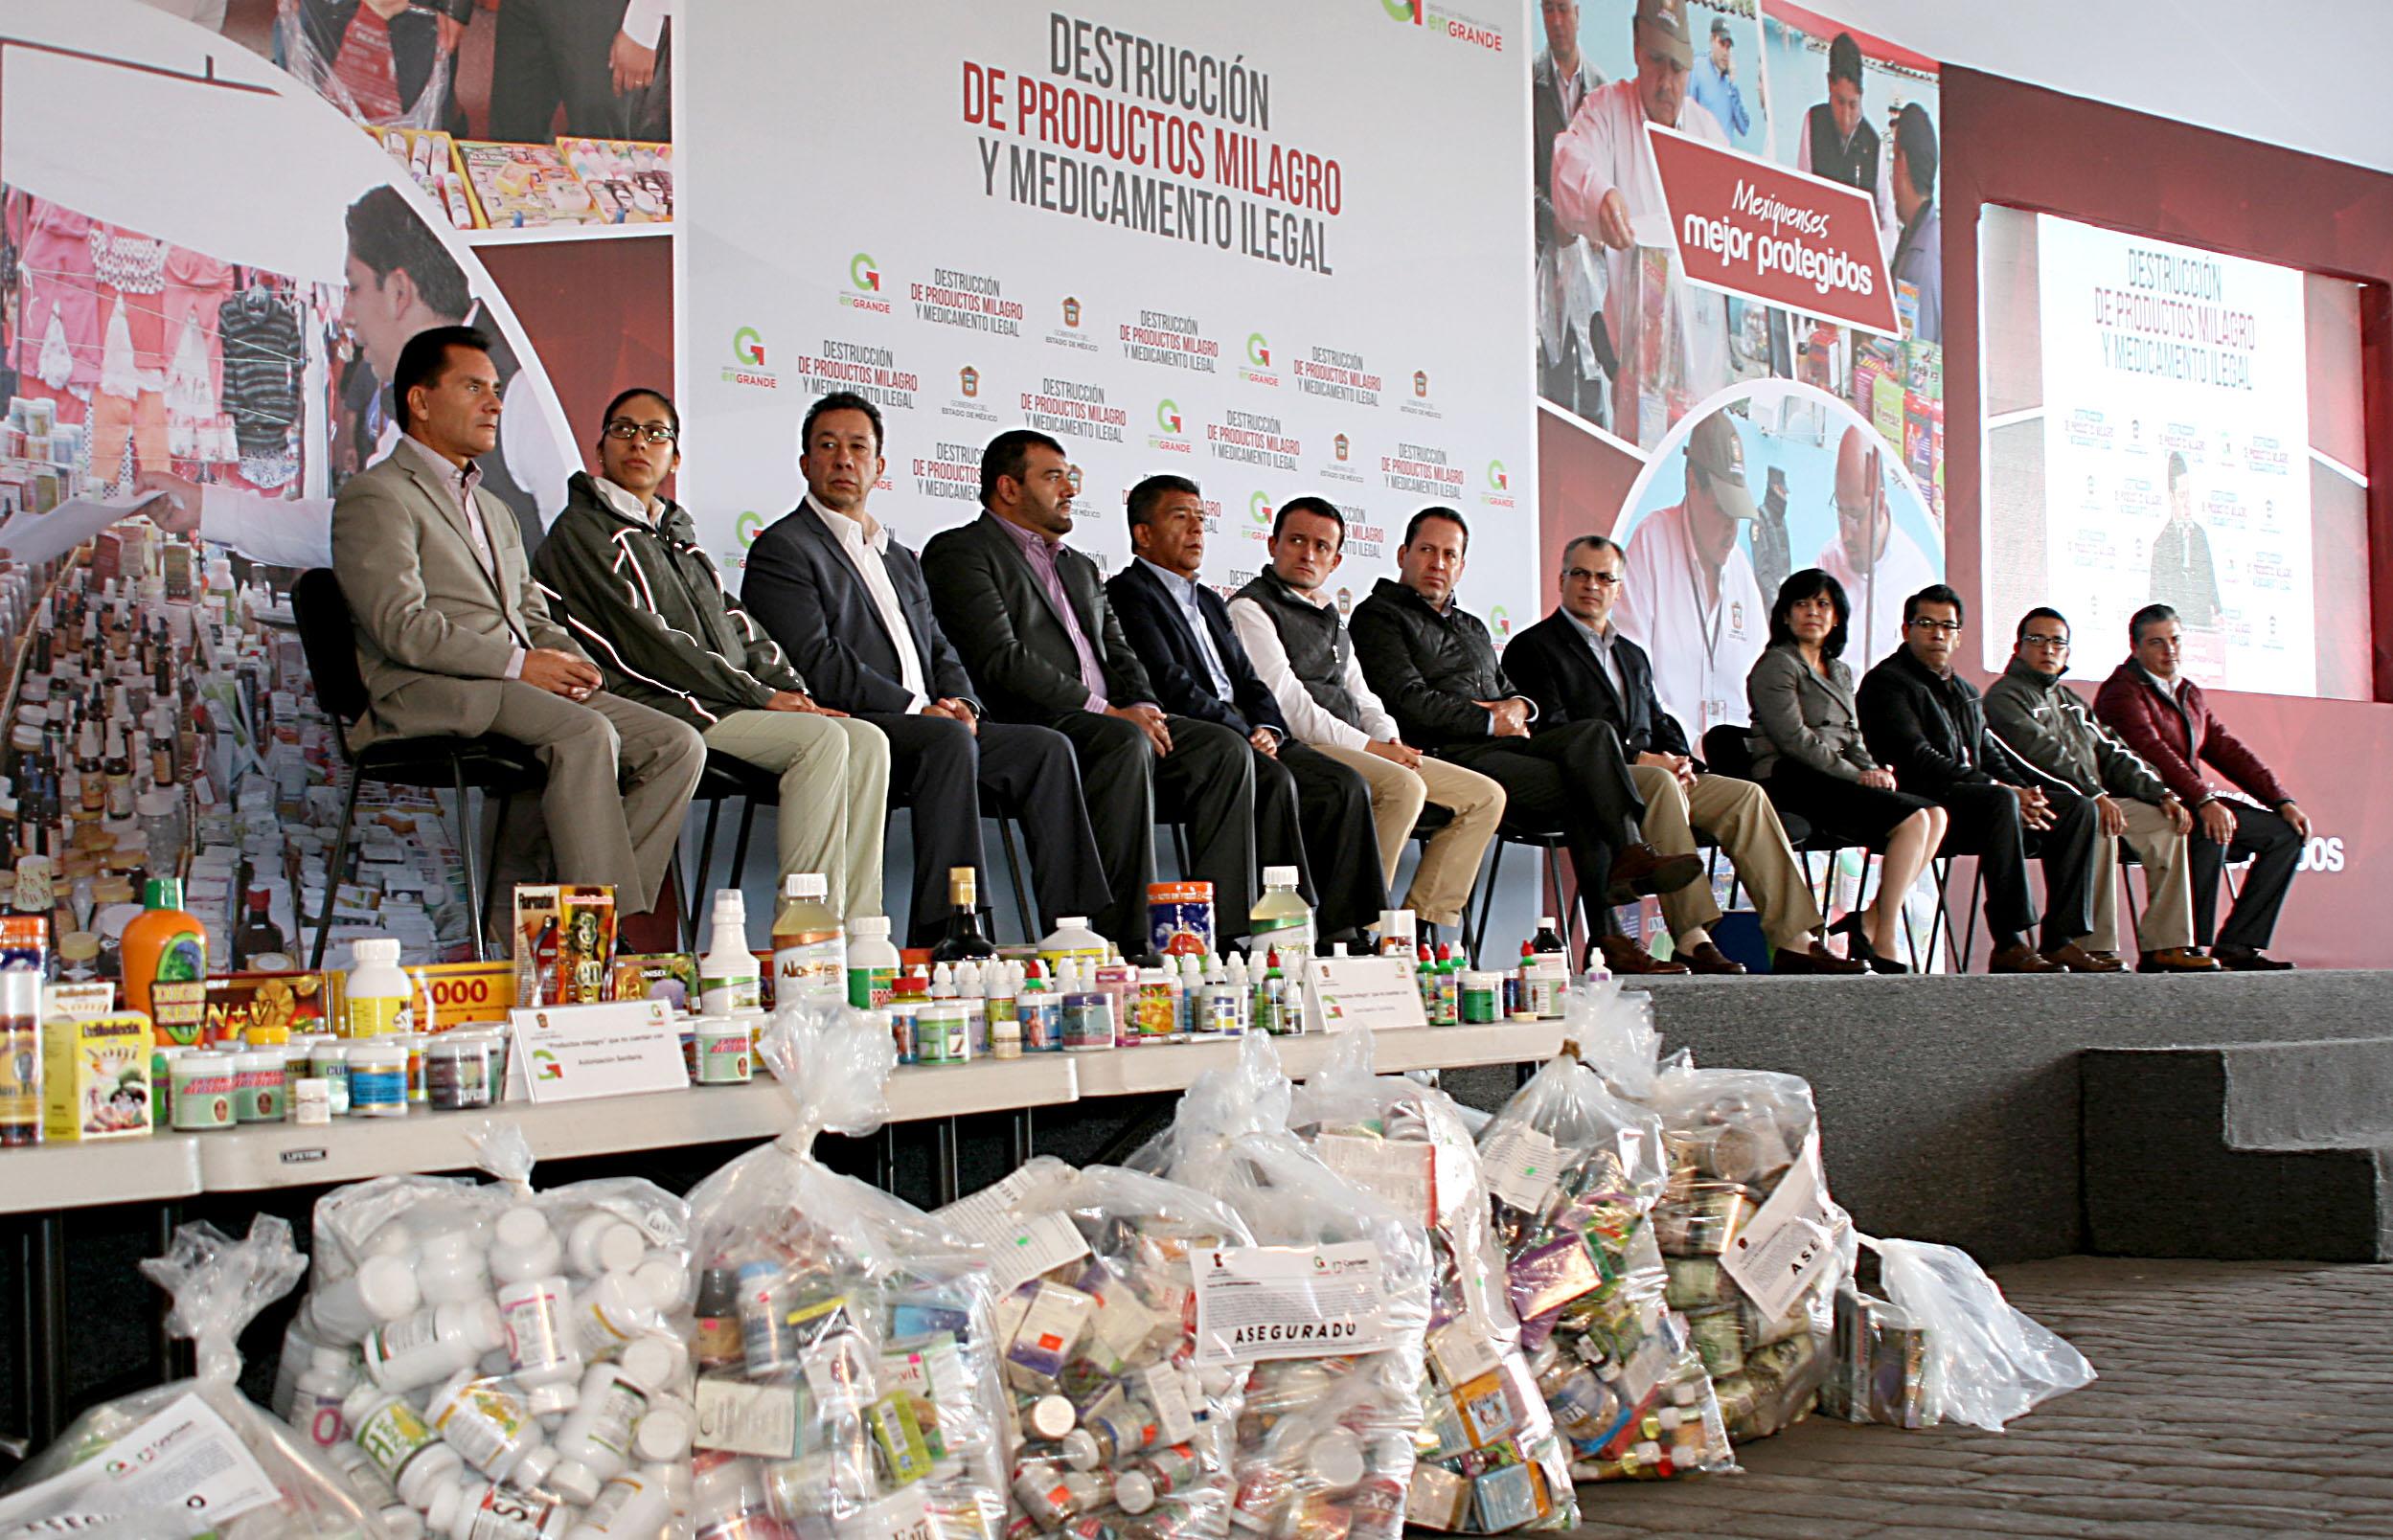 Se destruyen 10 toneladas de productos milagro y medicamentos ilegales